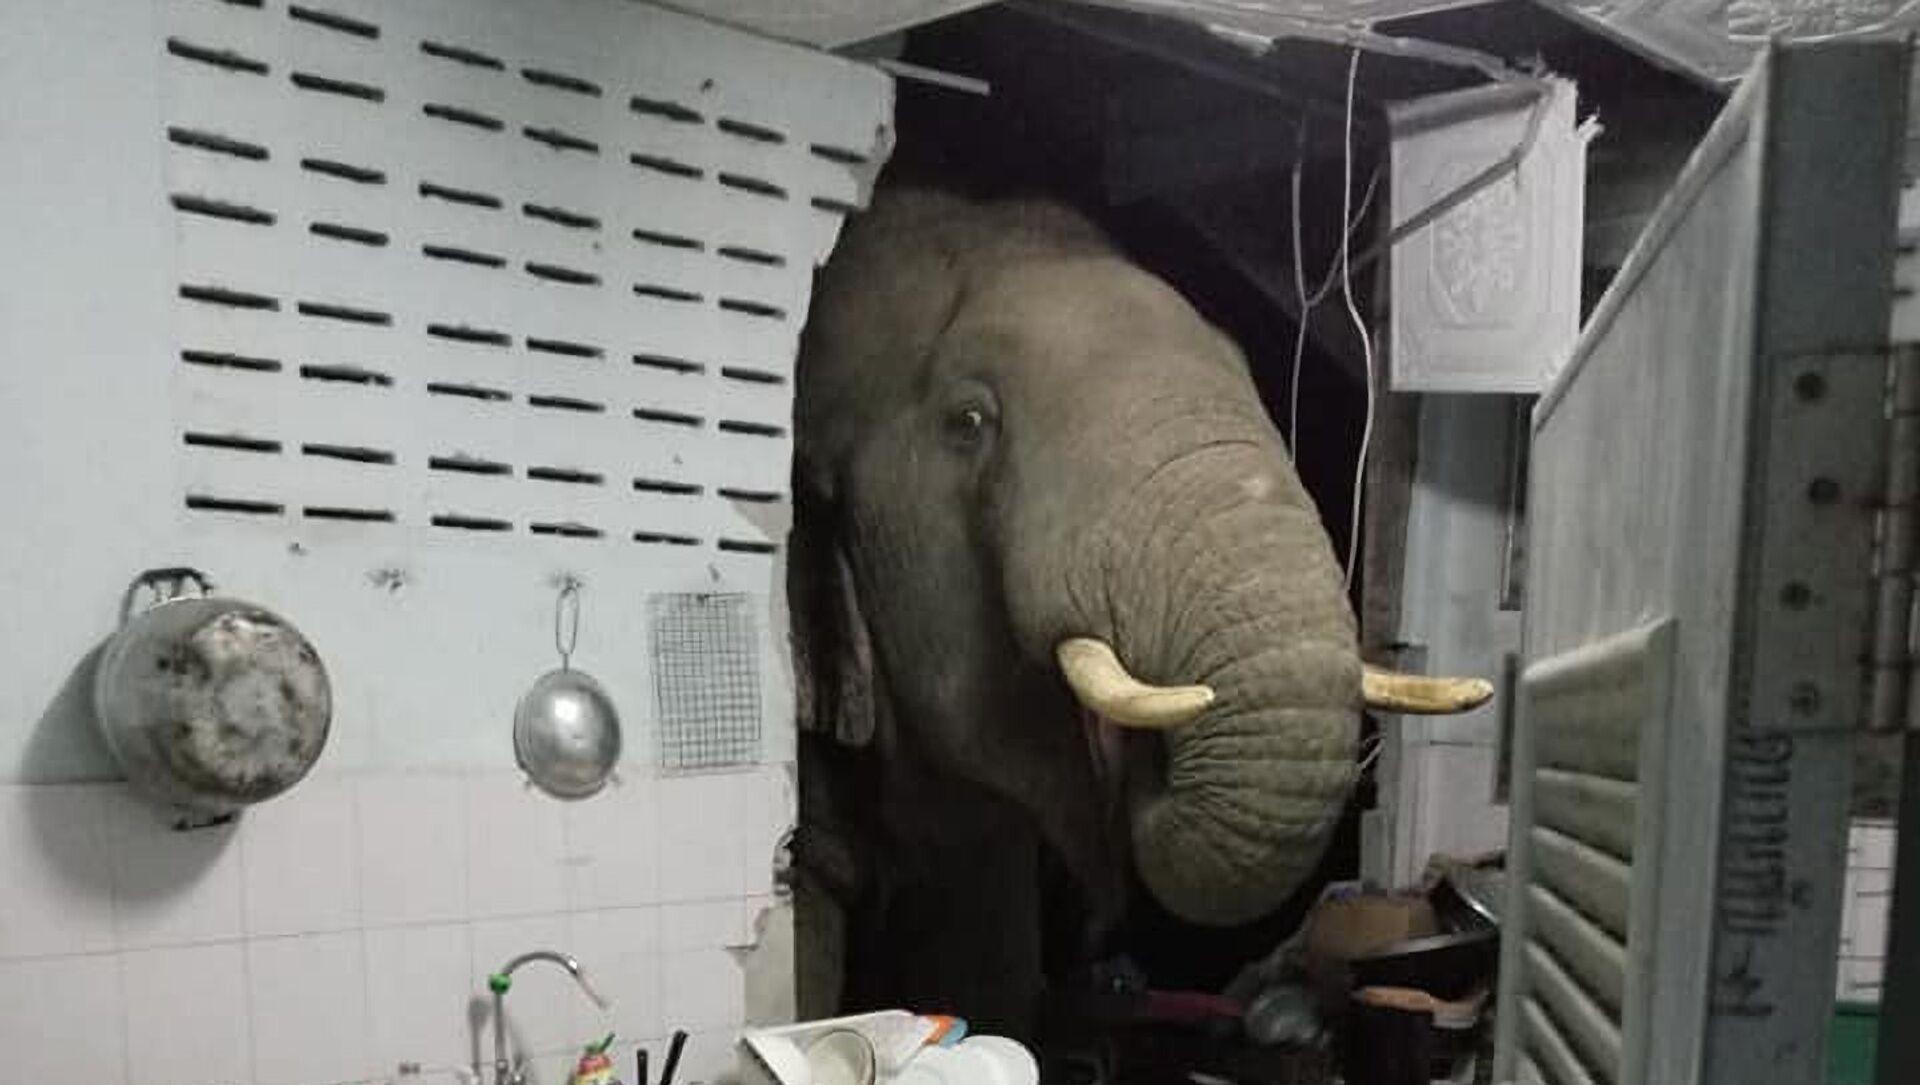 象が民家の壁を破壊 - Sputnik 日本, 1920, 22.06.2021